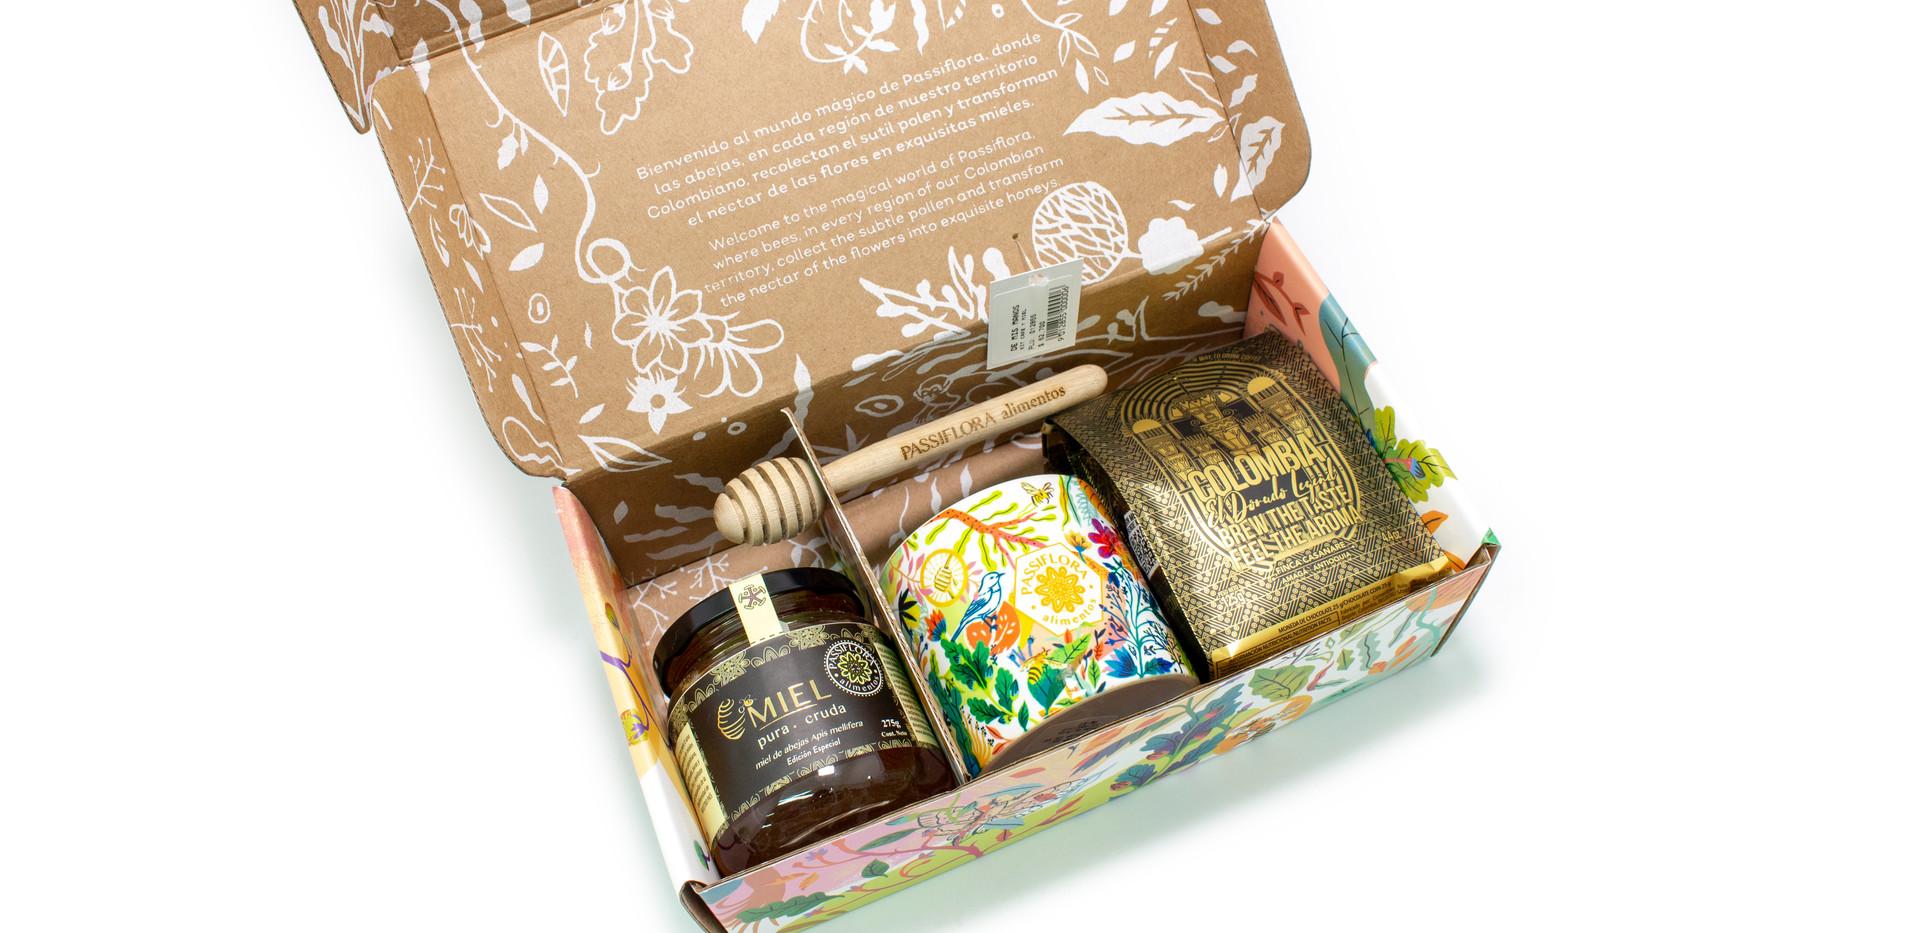 Caja Passiflora Miel y cafe